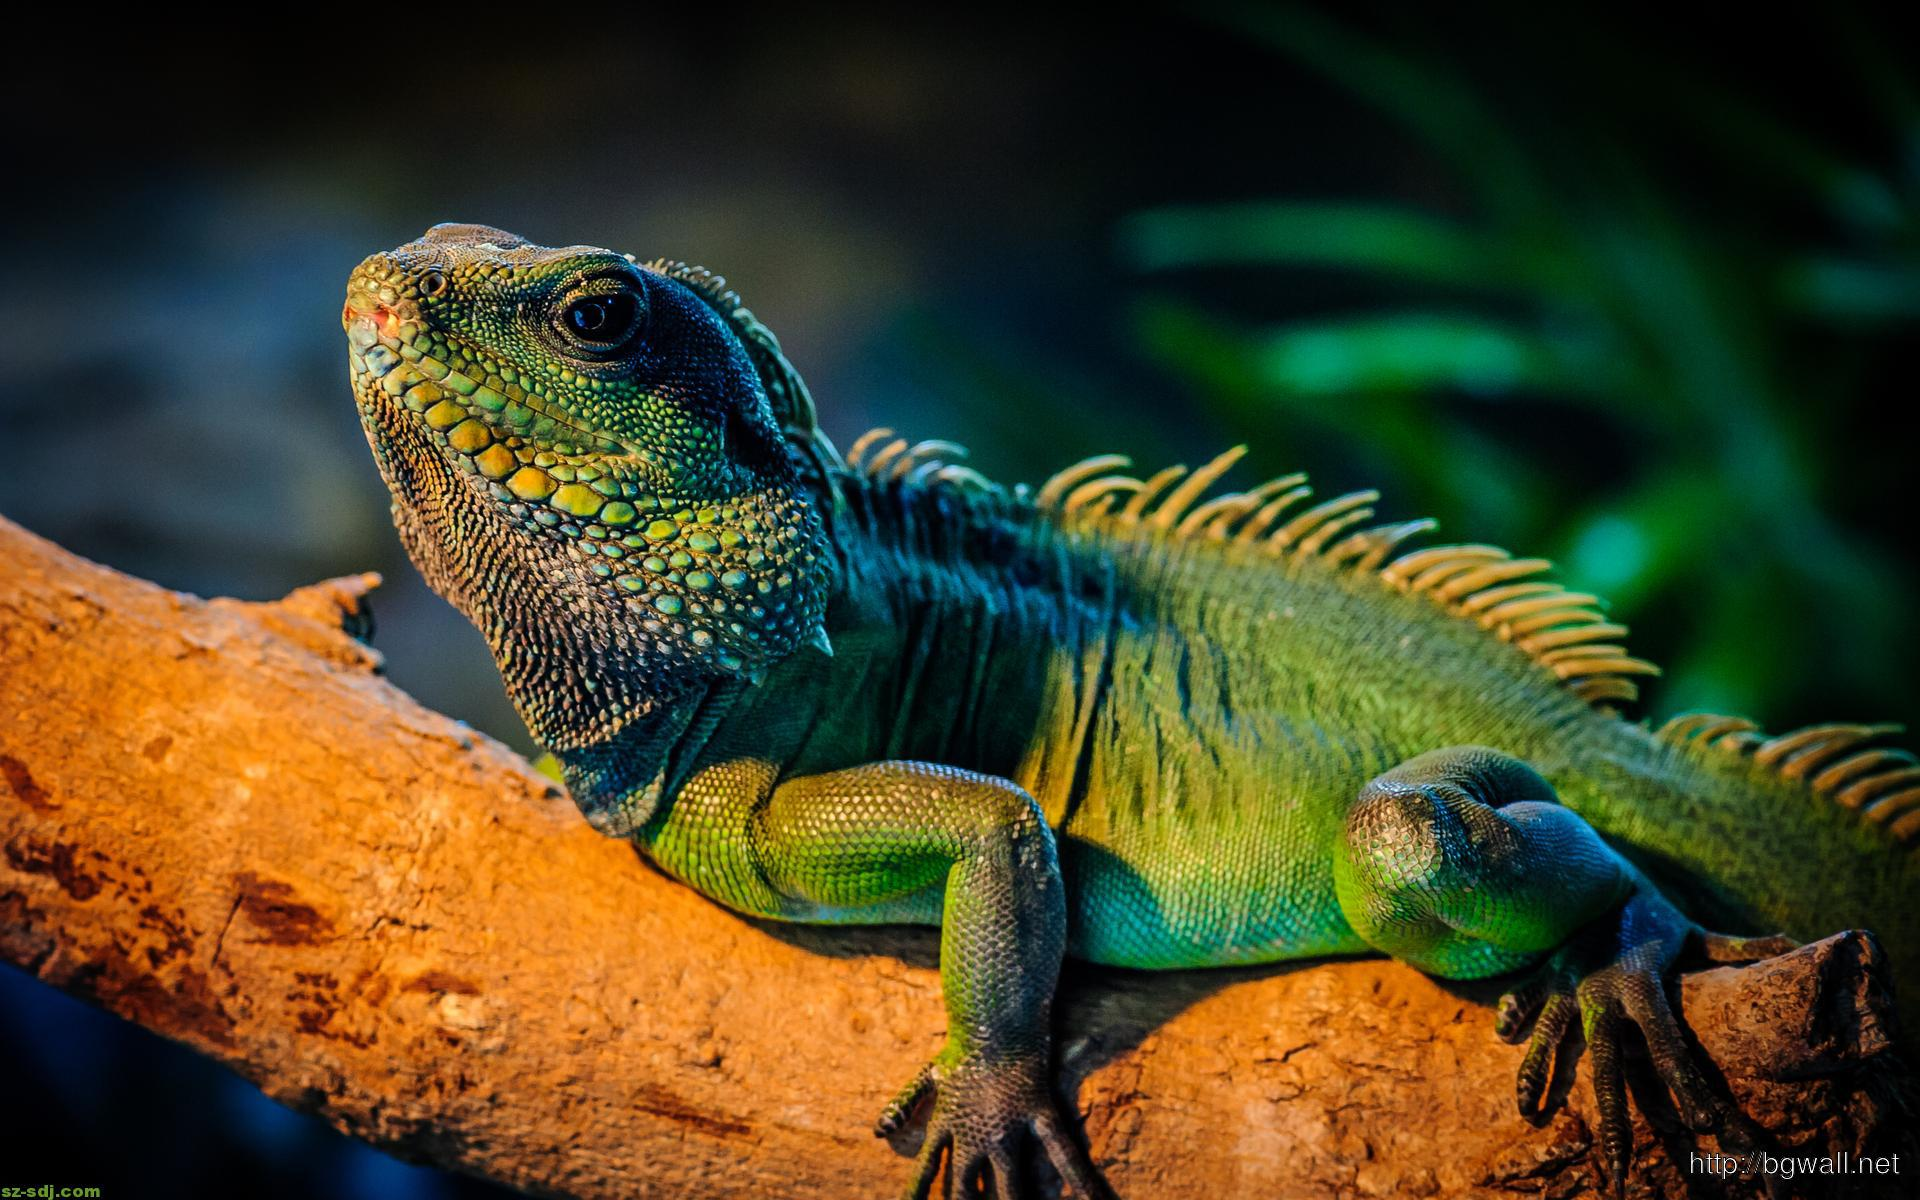 Cool Iguana Lizard Wallpaper High Definition Background Wallpaper Hd